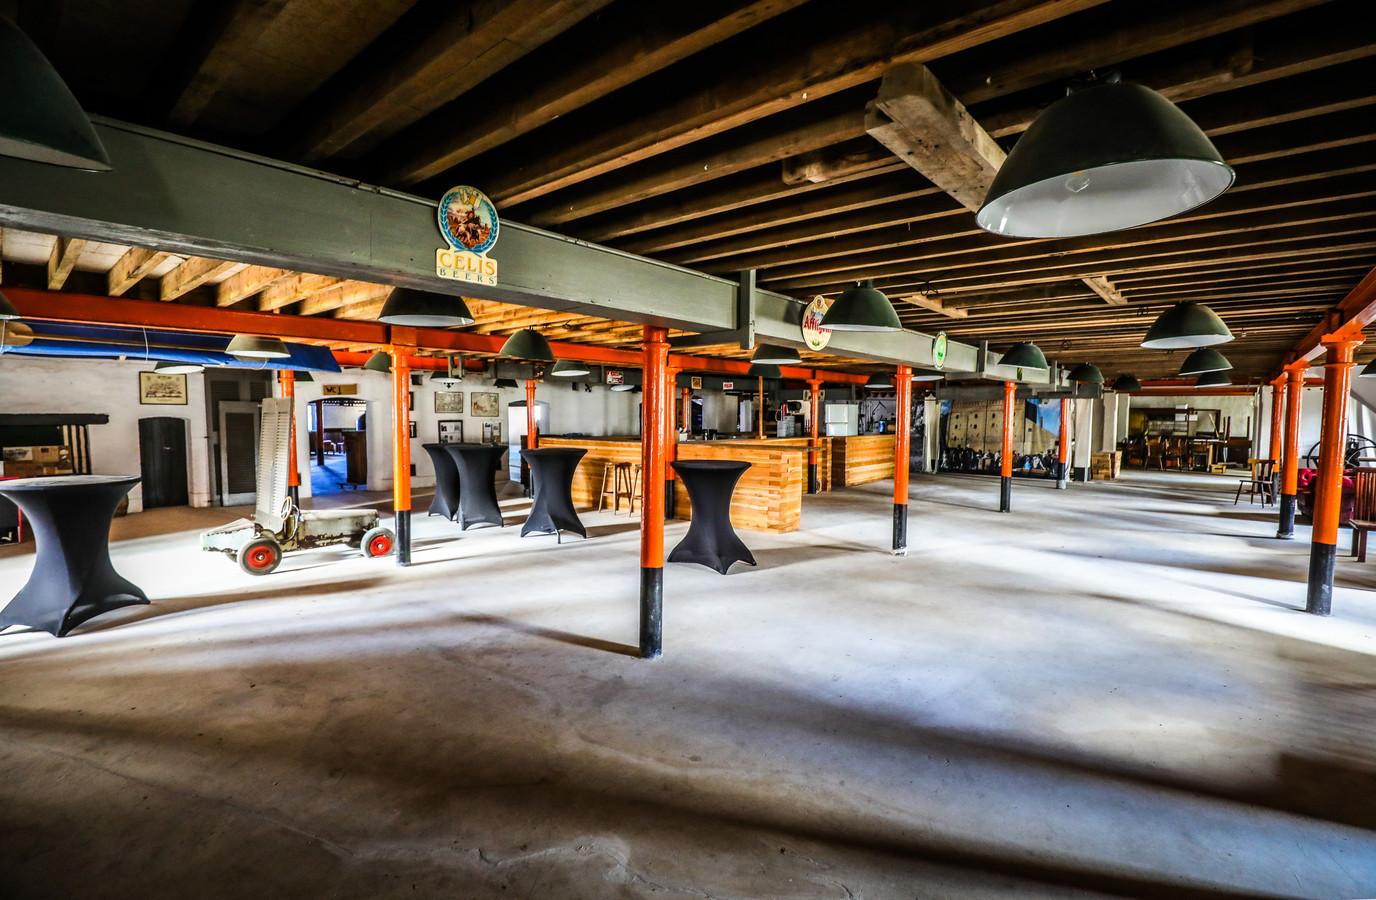 In de vroegere brouwerij is de feestzaal al klaar voor gebruik